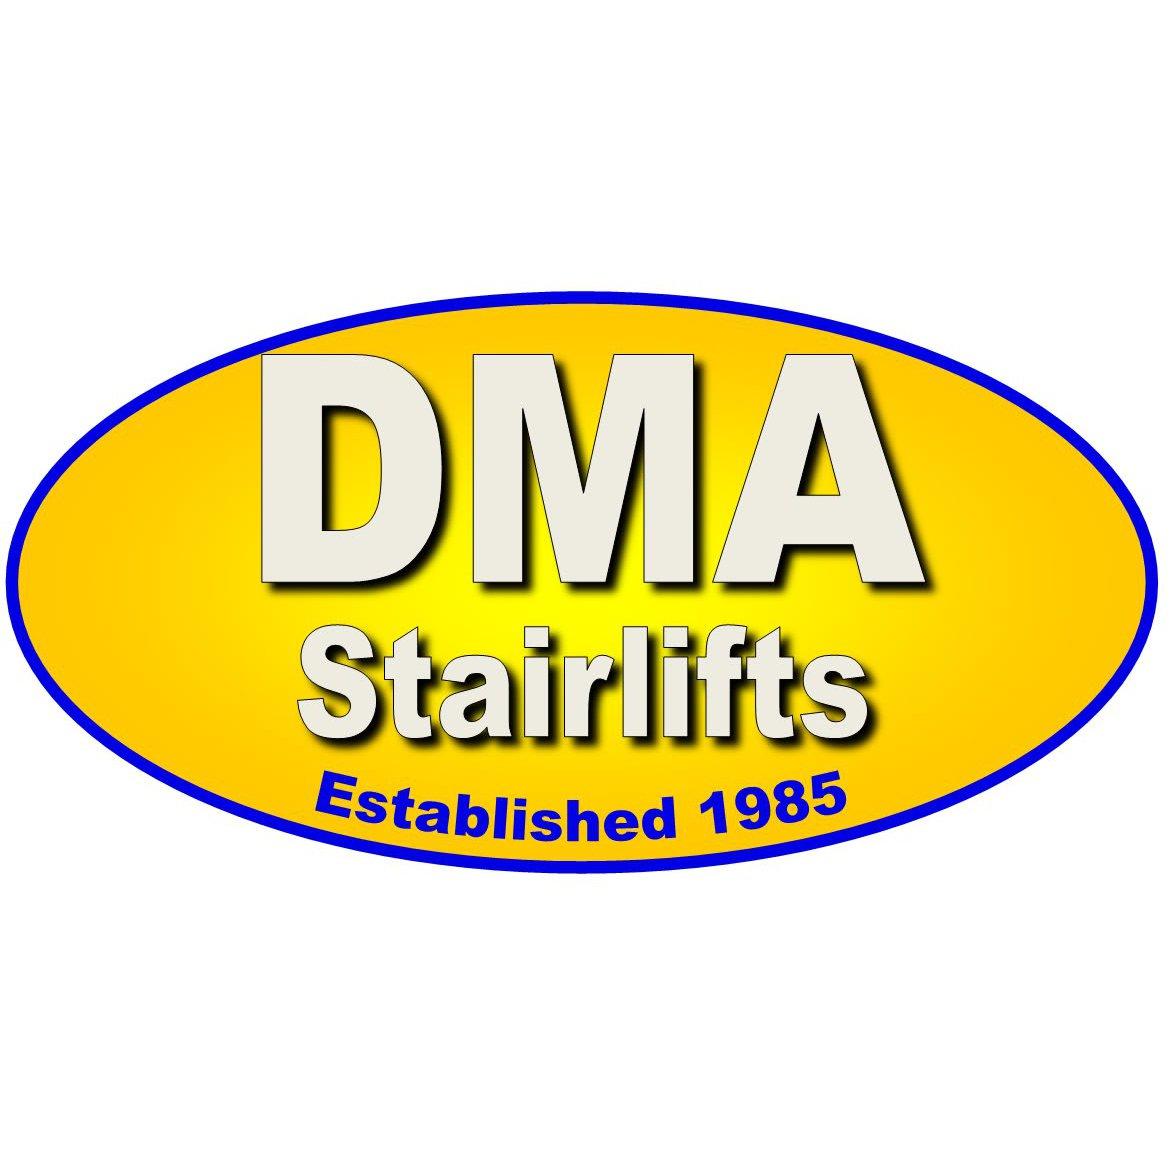 DMA Stairlifts Ltd - Wellington, Somerset TA21 9JQ - 01823 661037 | ShowMeLocal.com